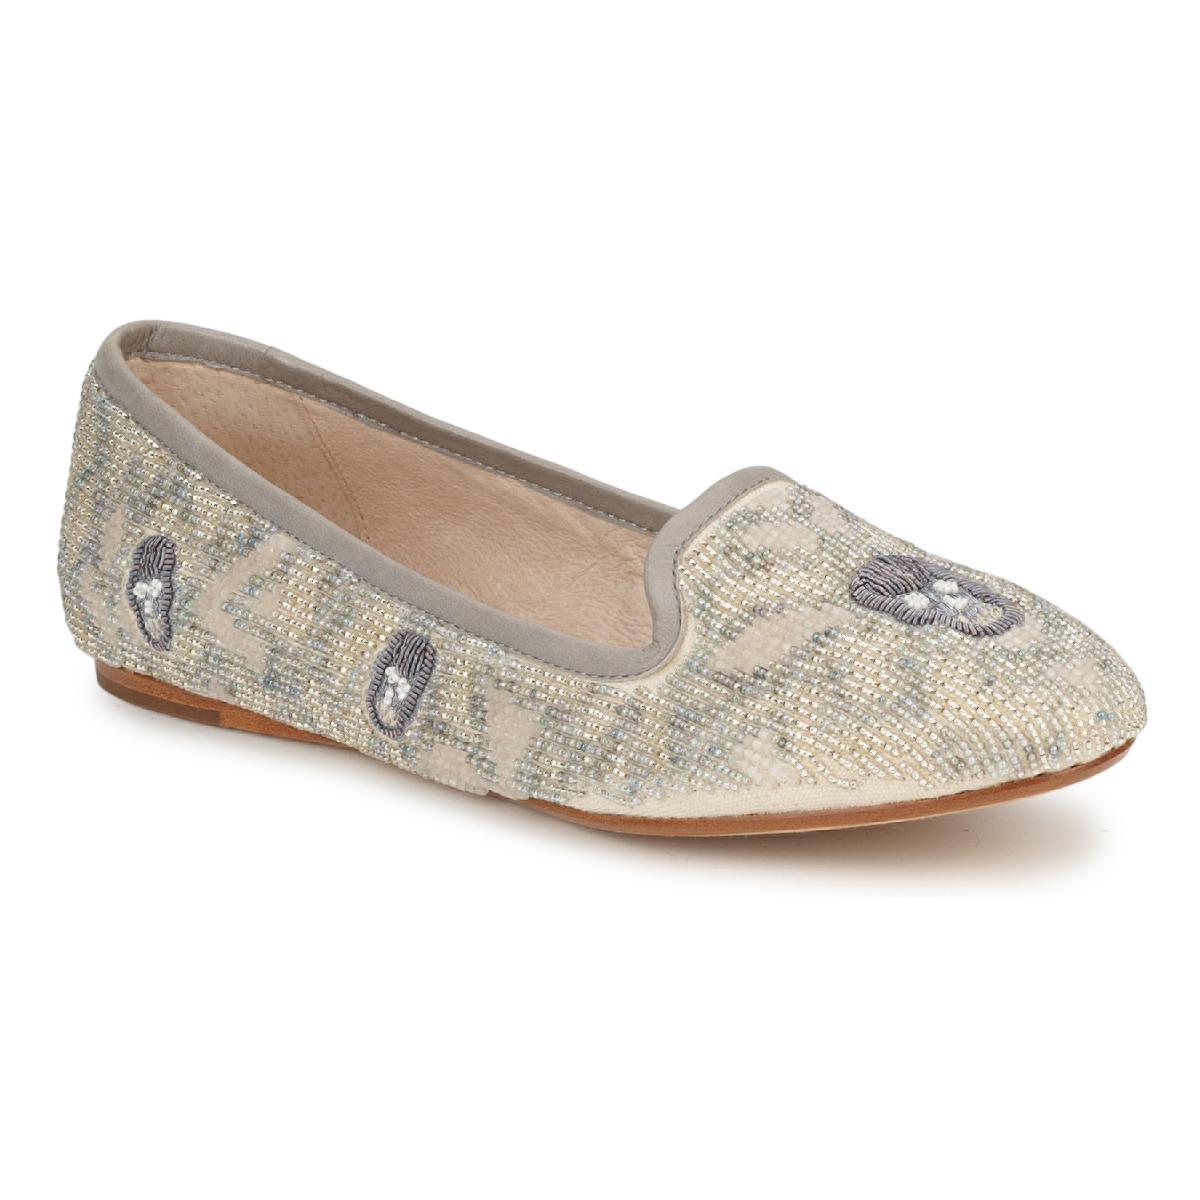 House of Harlow 1960 ZENITH Beige / Grau - Kostenloser Versand bei Spartoode ! - Schuhe Slipper Damen 132,50 €